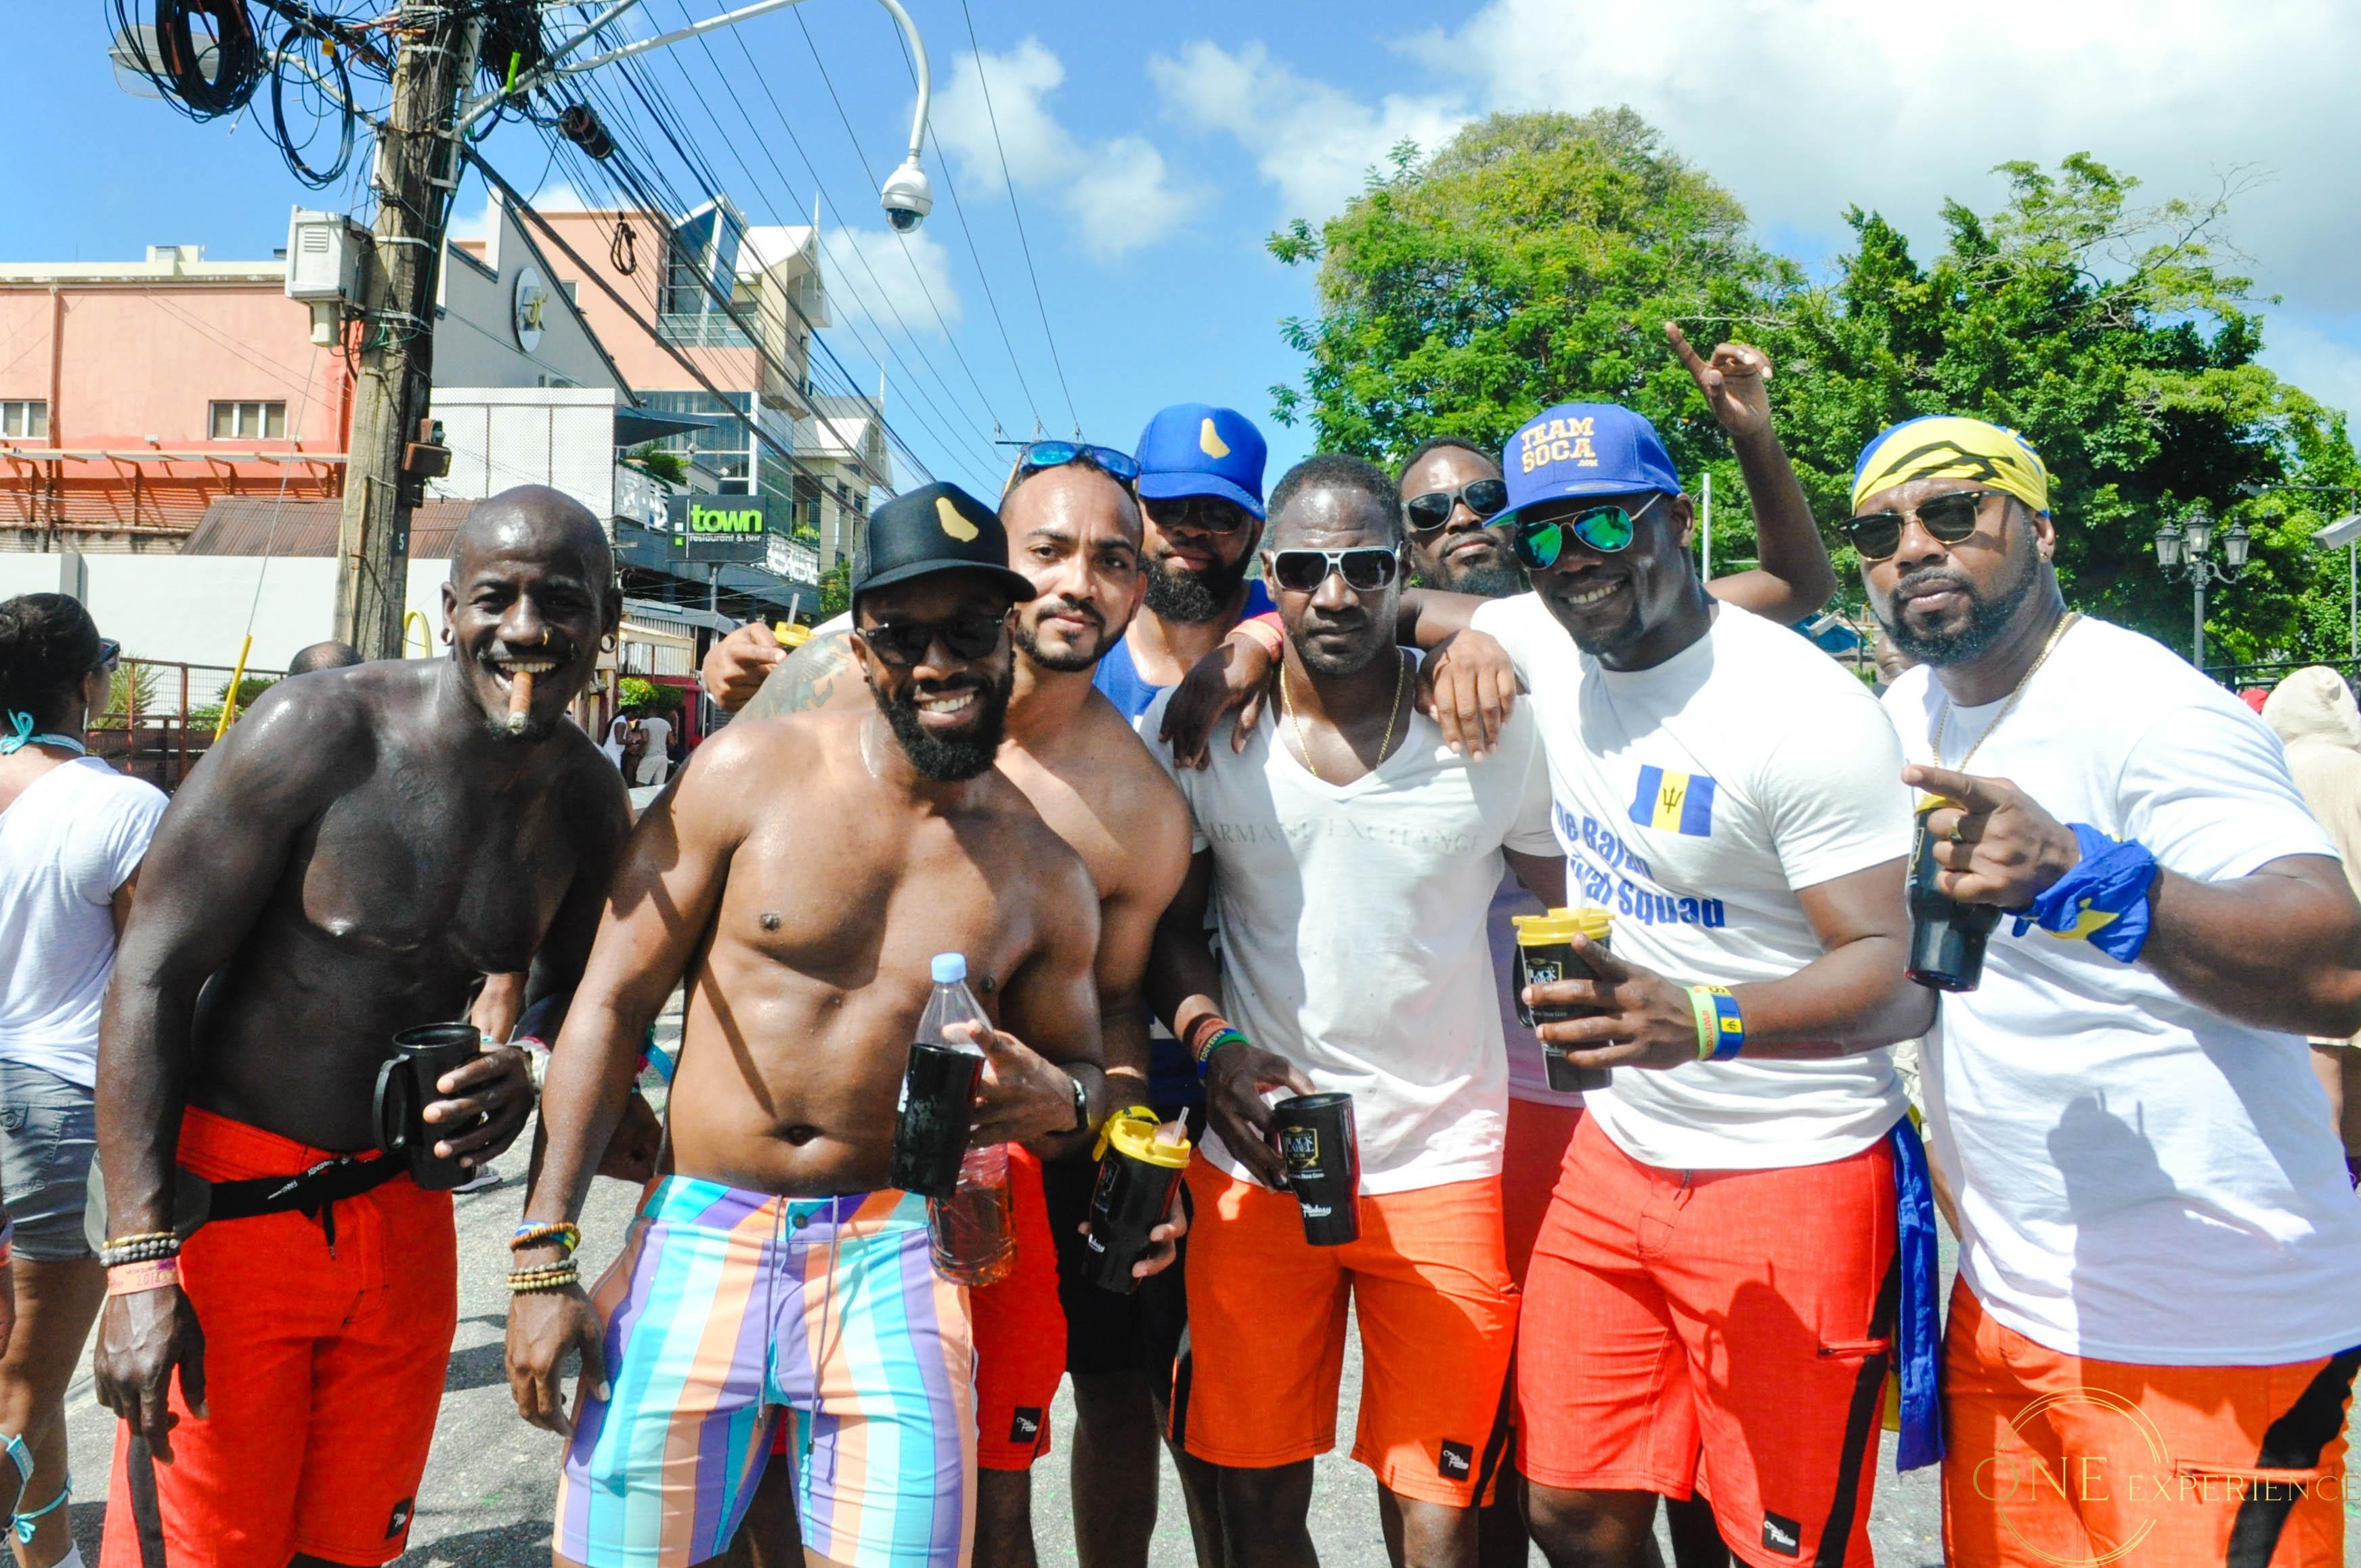 Barbados Attire